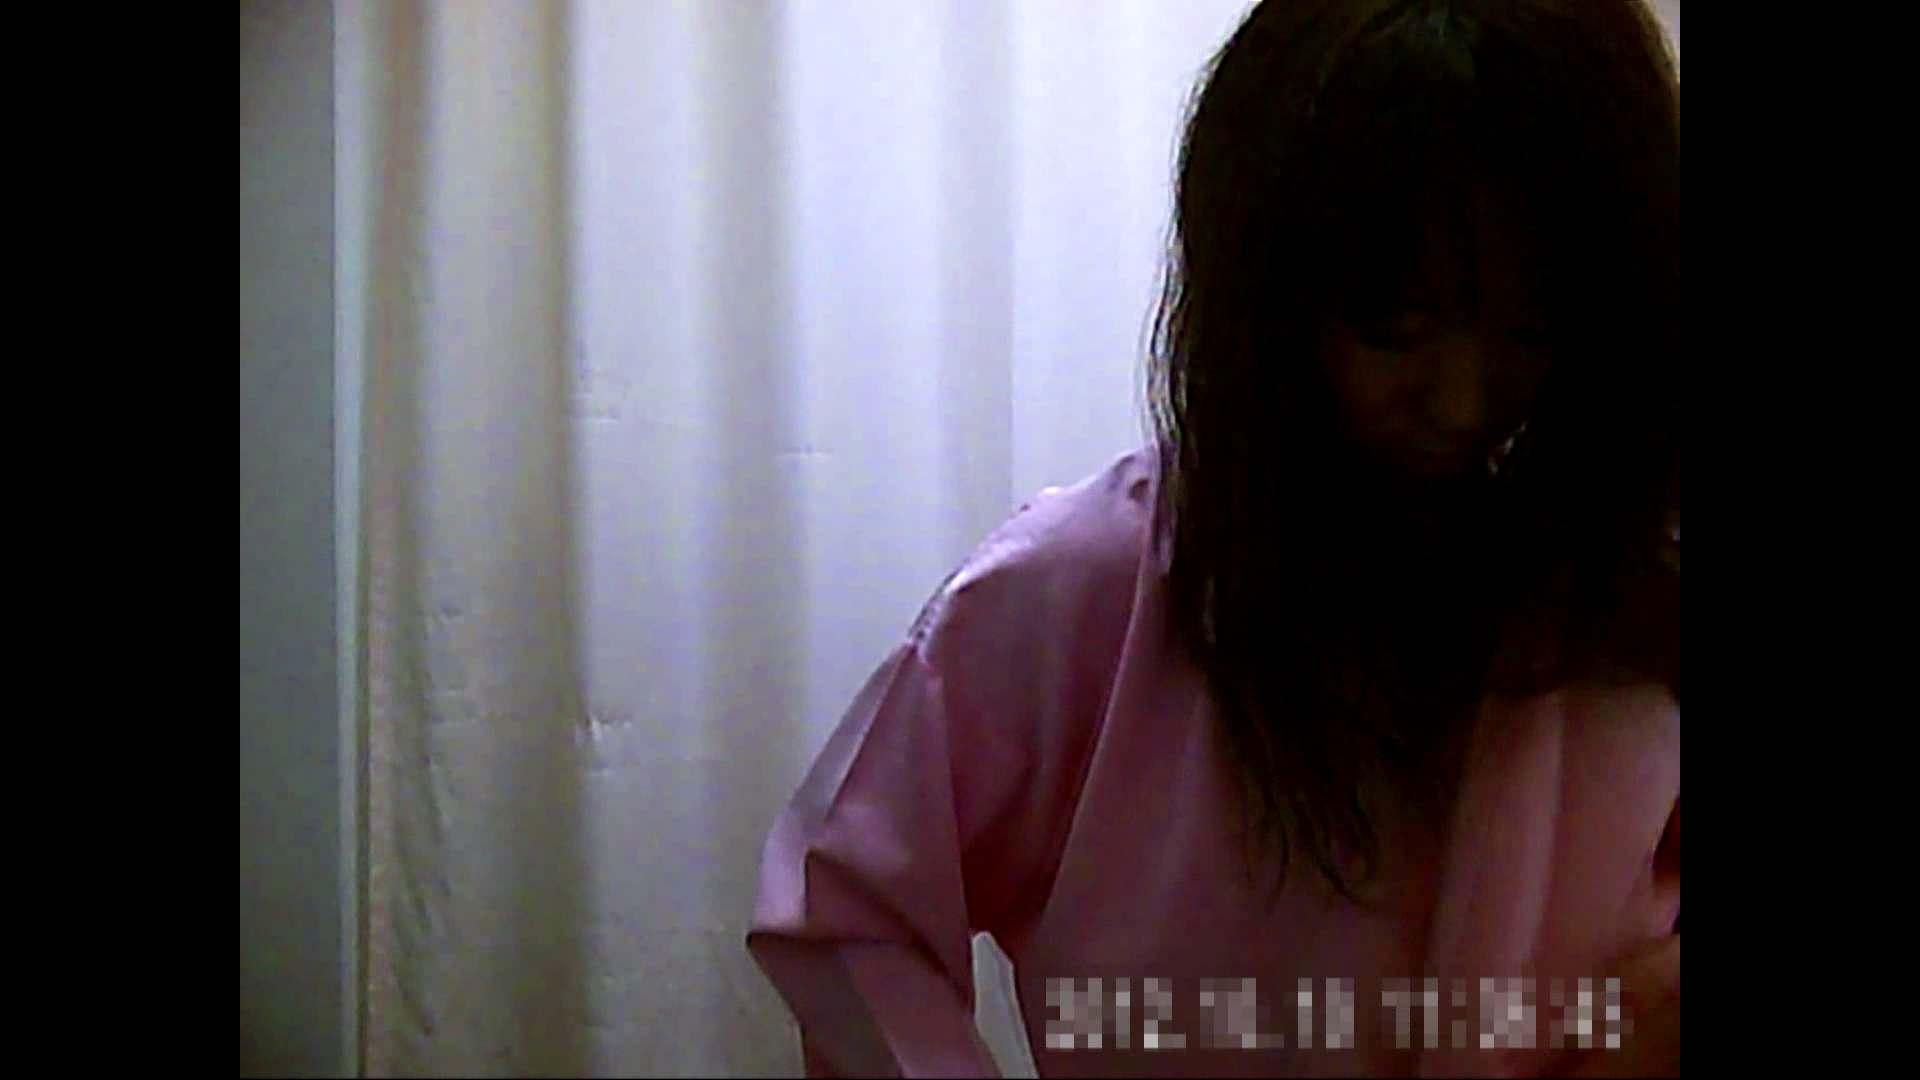 元医者による反抗 更衣室地獄絵巻 vol.064 お姉さん  53PIX 5